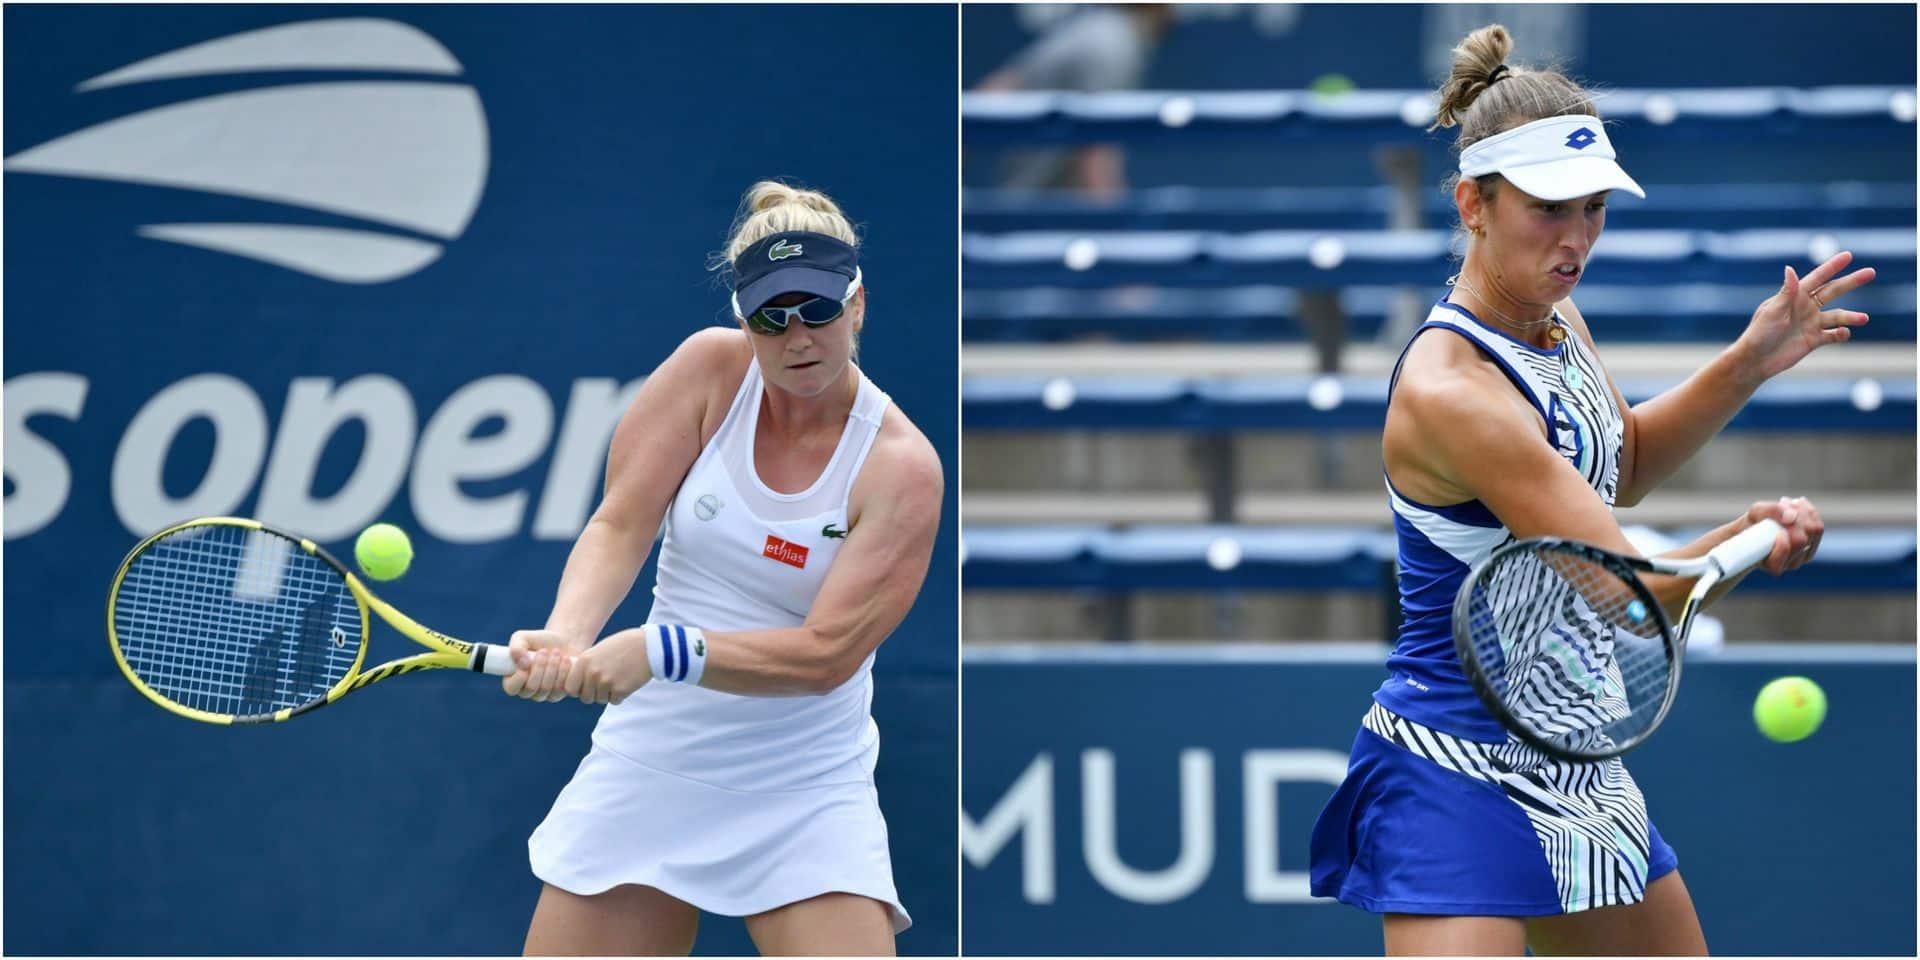 US Open: Ysaline Bonaventure éliminée au deuxième tour, le match d'Elise Mertens interrompu par la pluie